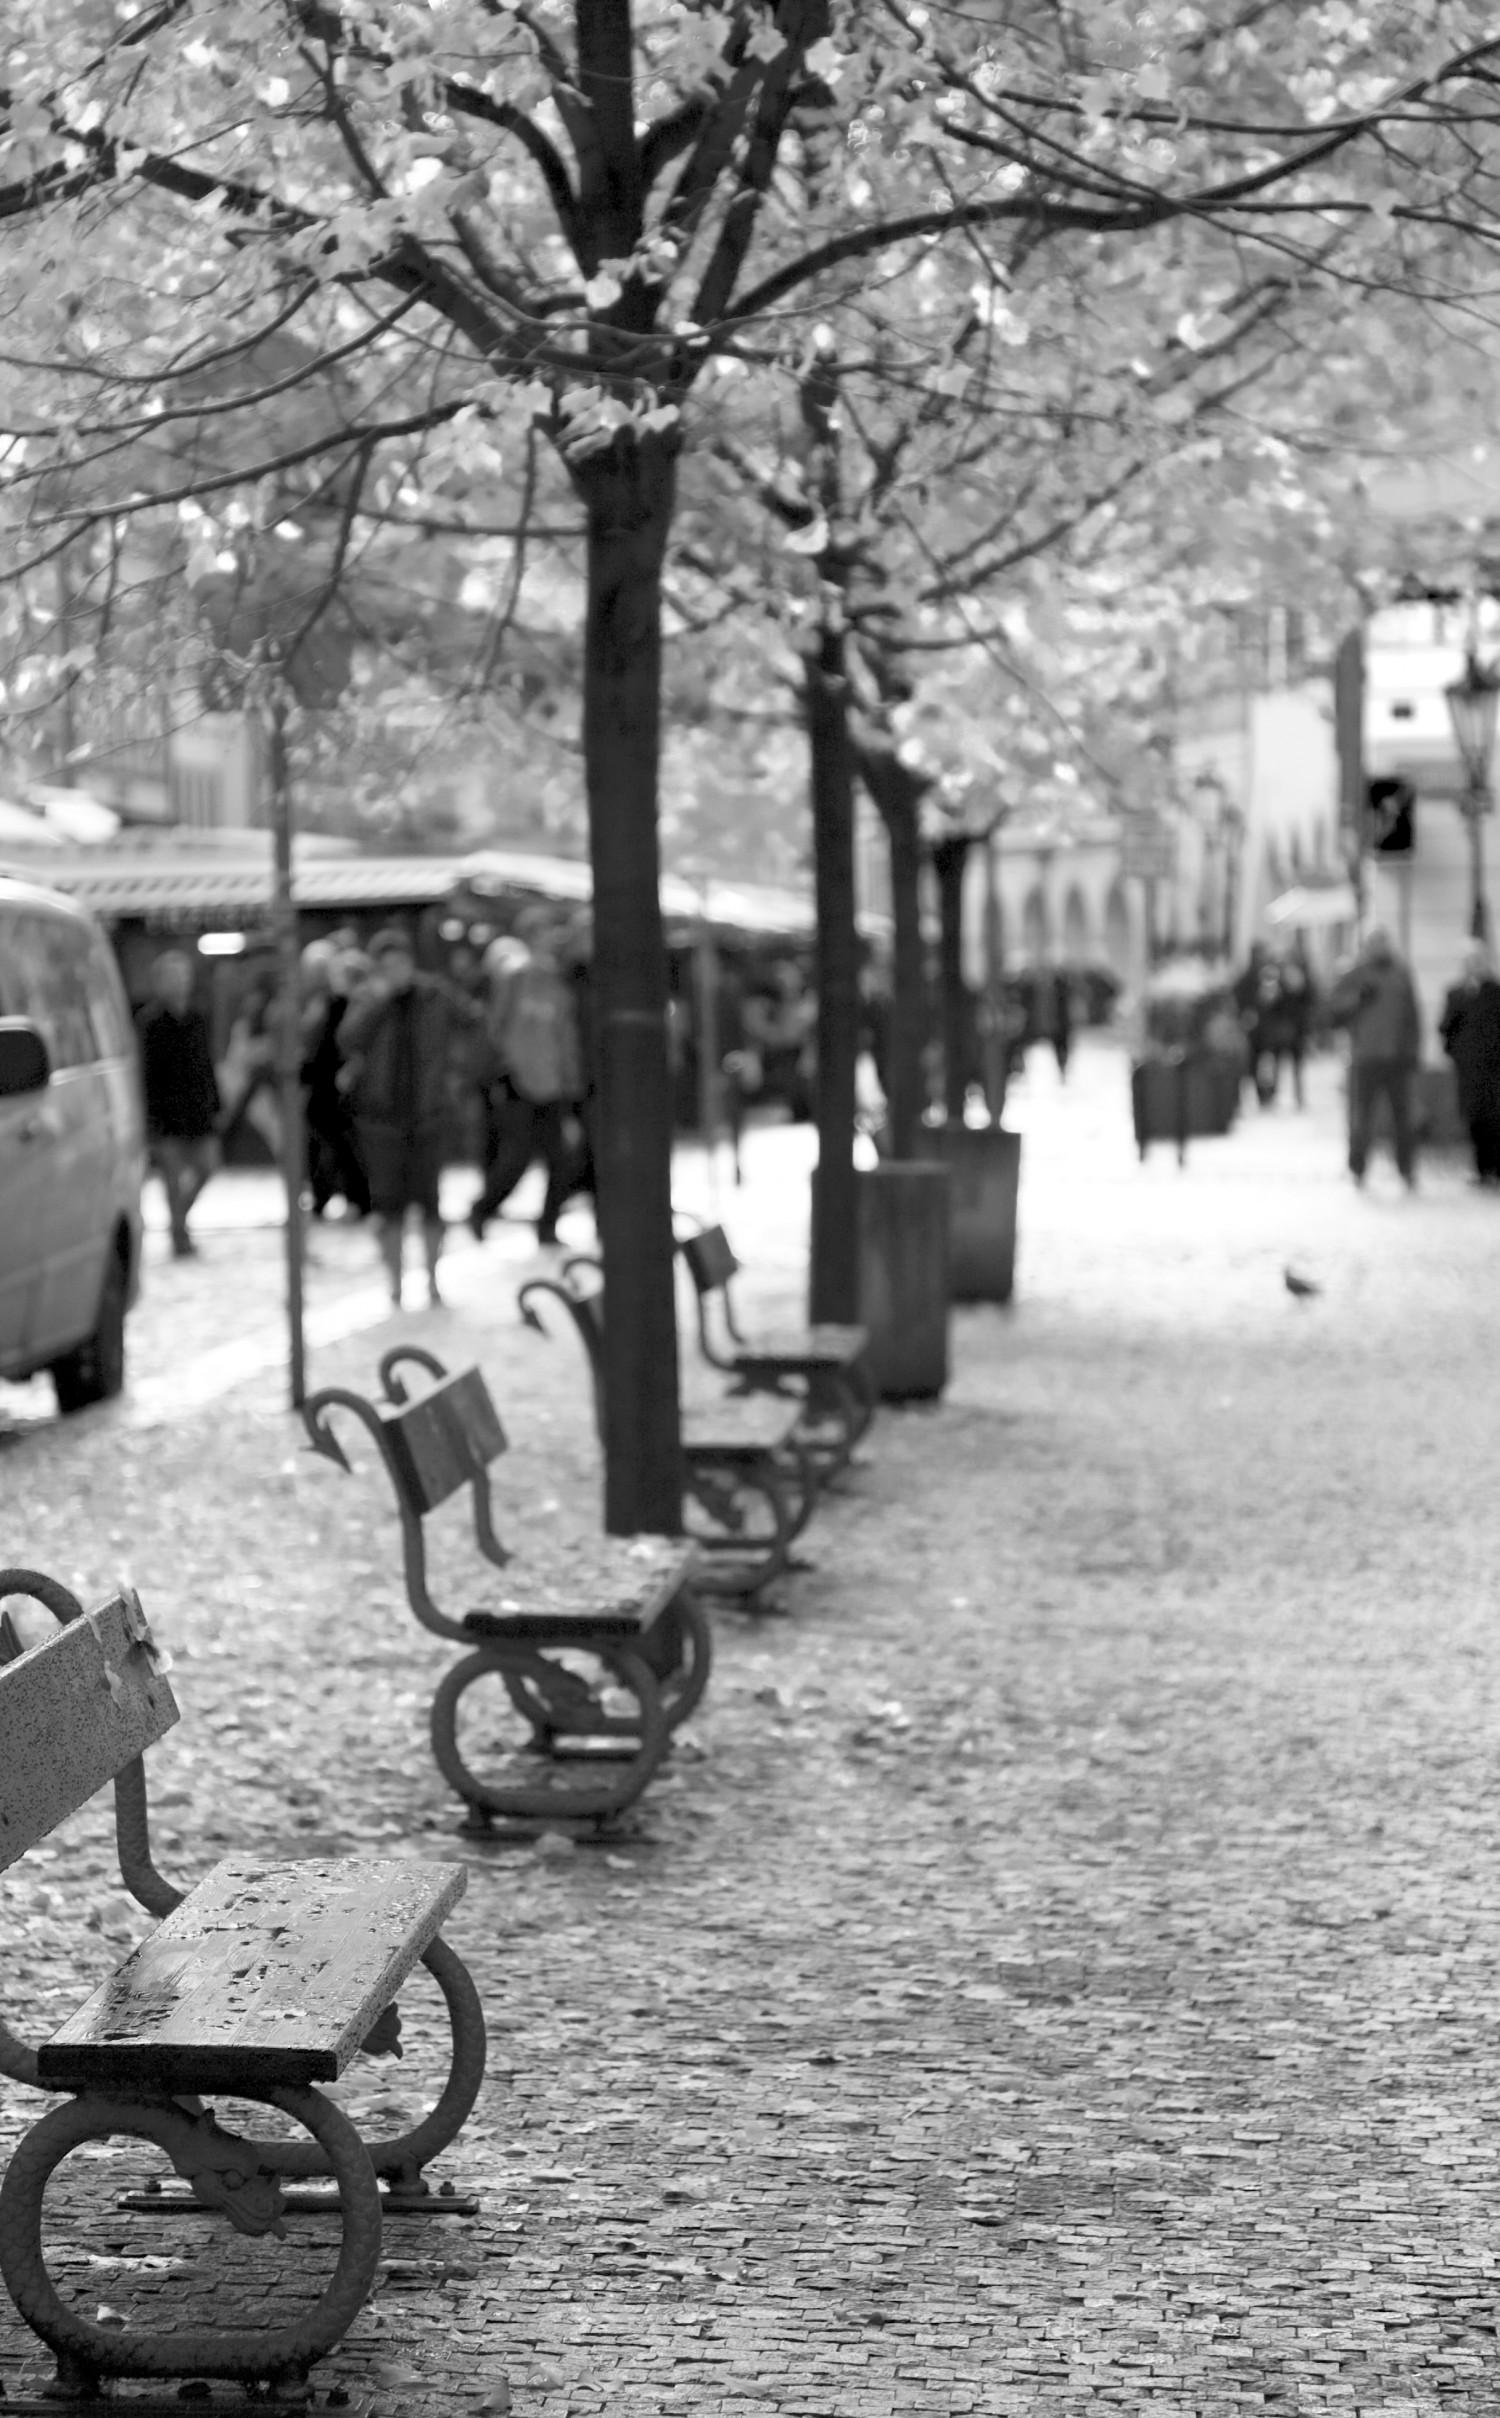 Prague Benches